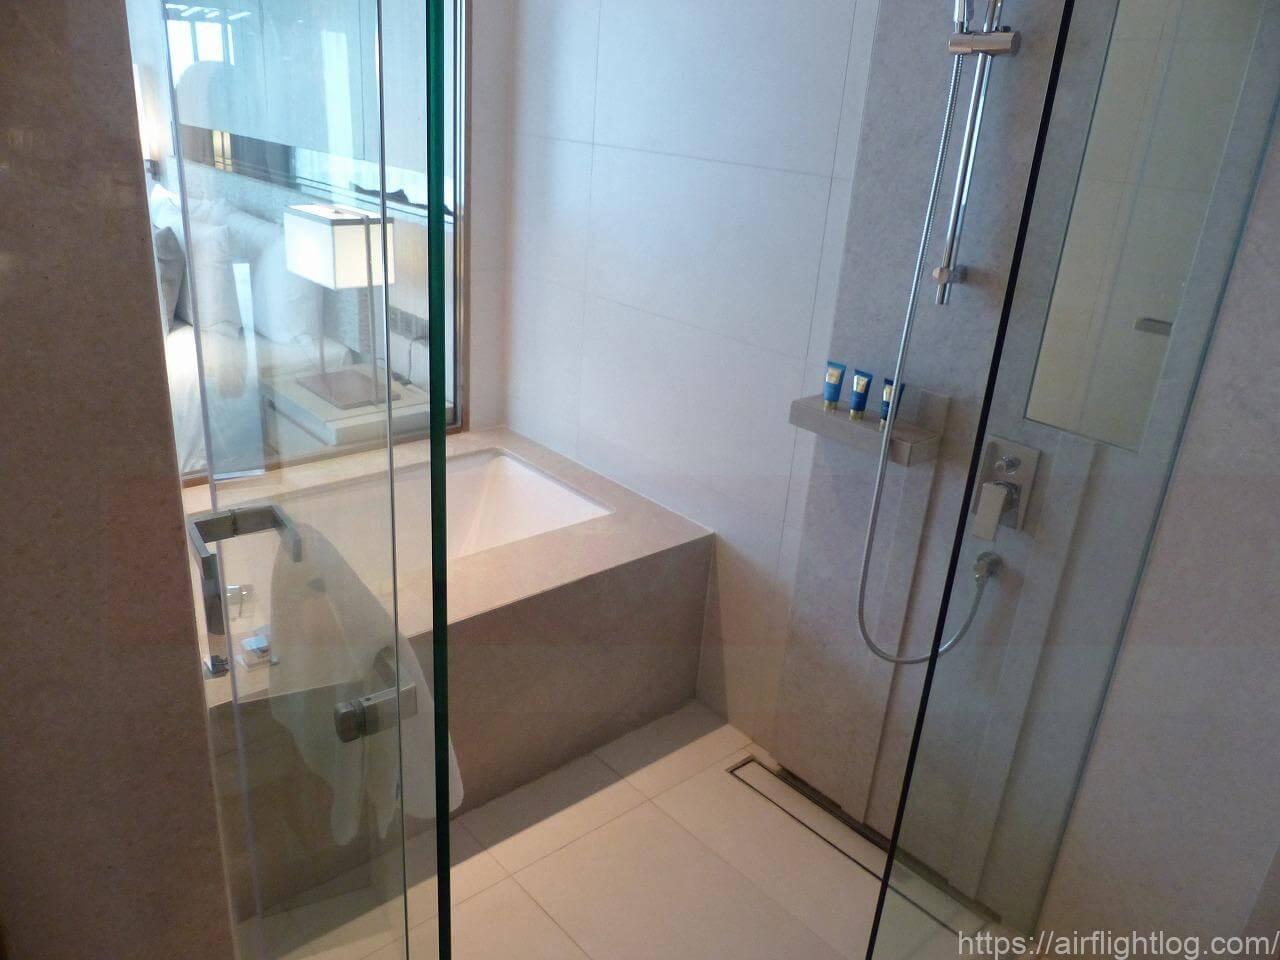 ホテル ニッコー・バンコク「プレミアコーナールーム」客室(ウエットエリア)